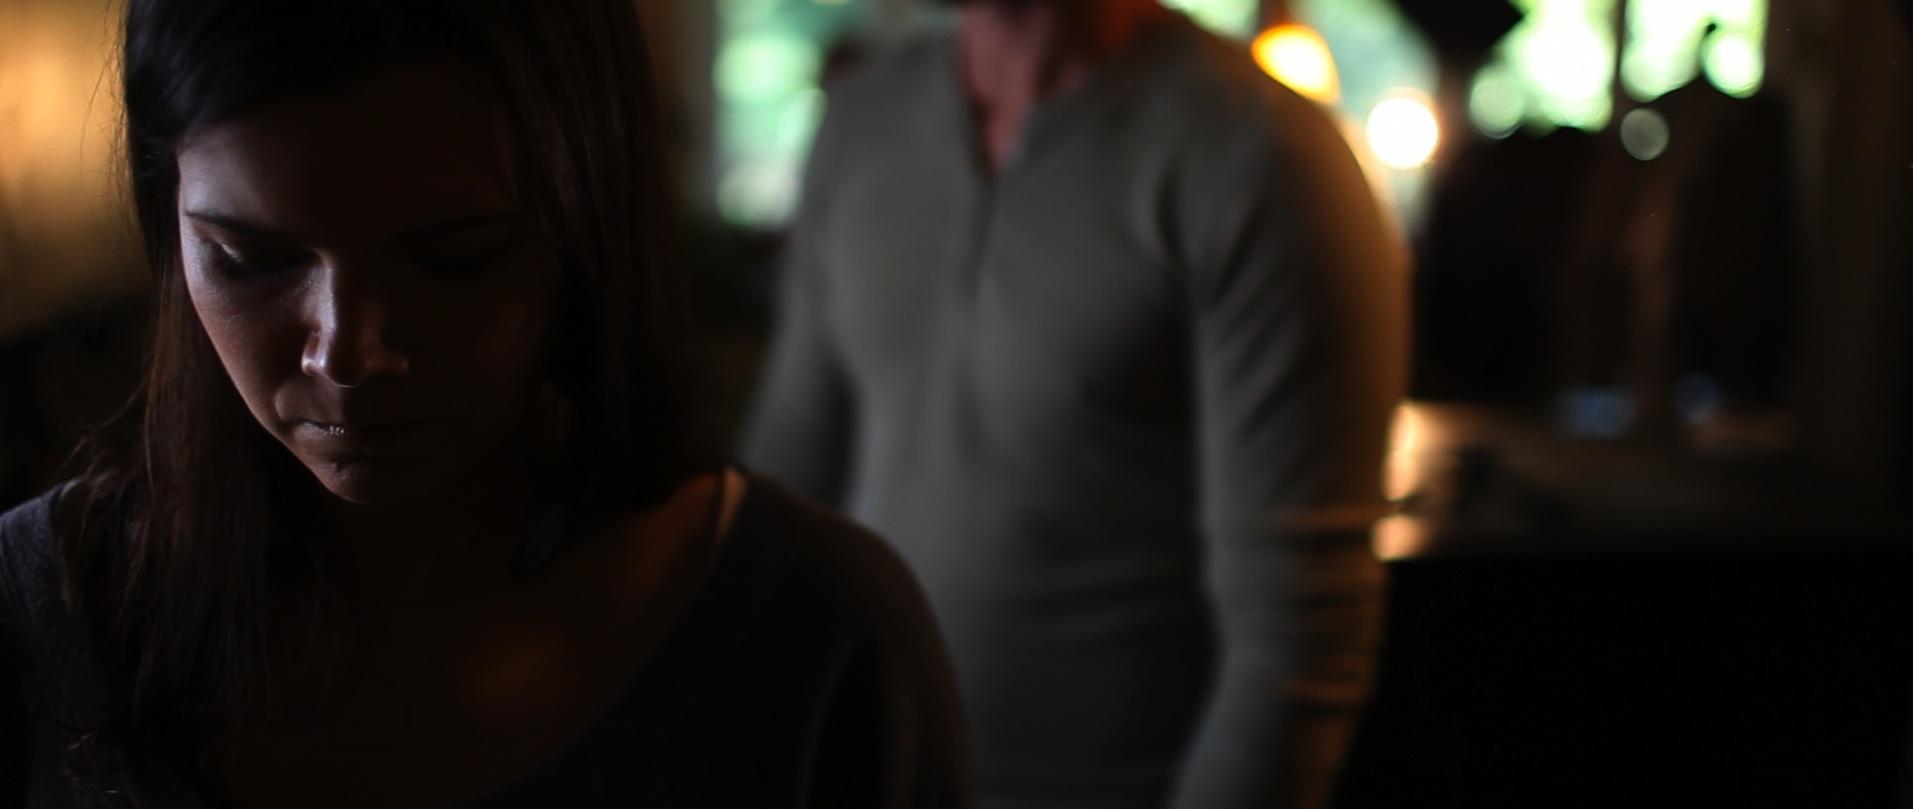 Blur_still1.jpg